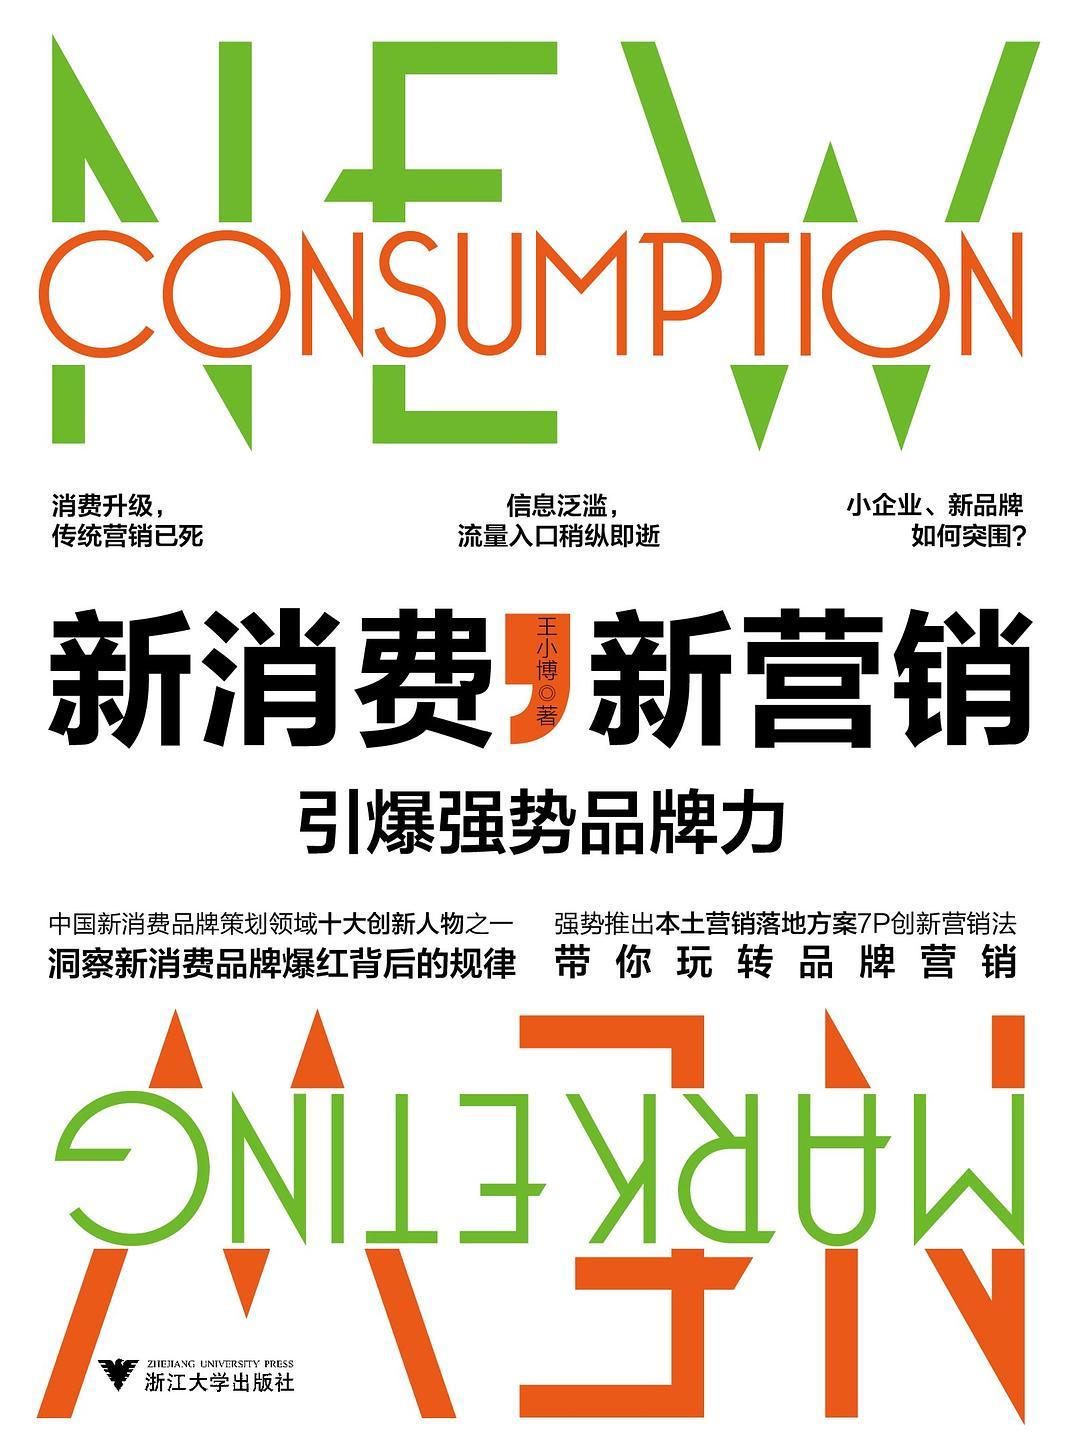 新消费,新营销:引爆强势品牌力 : 新消费 新营销